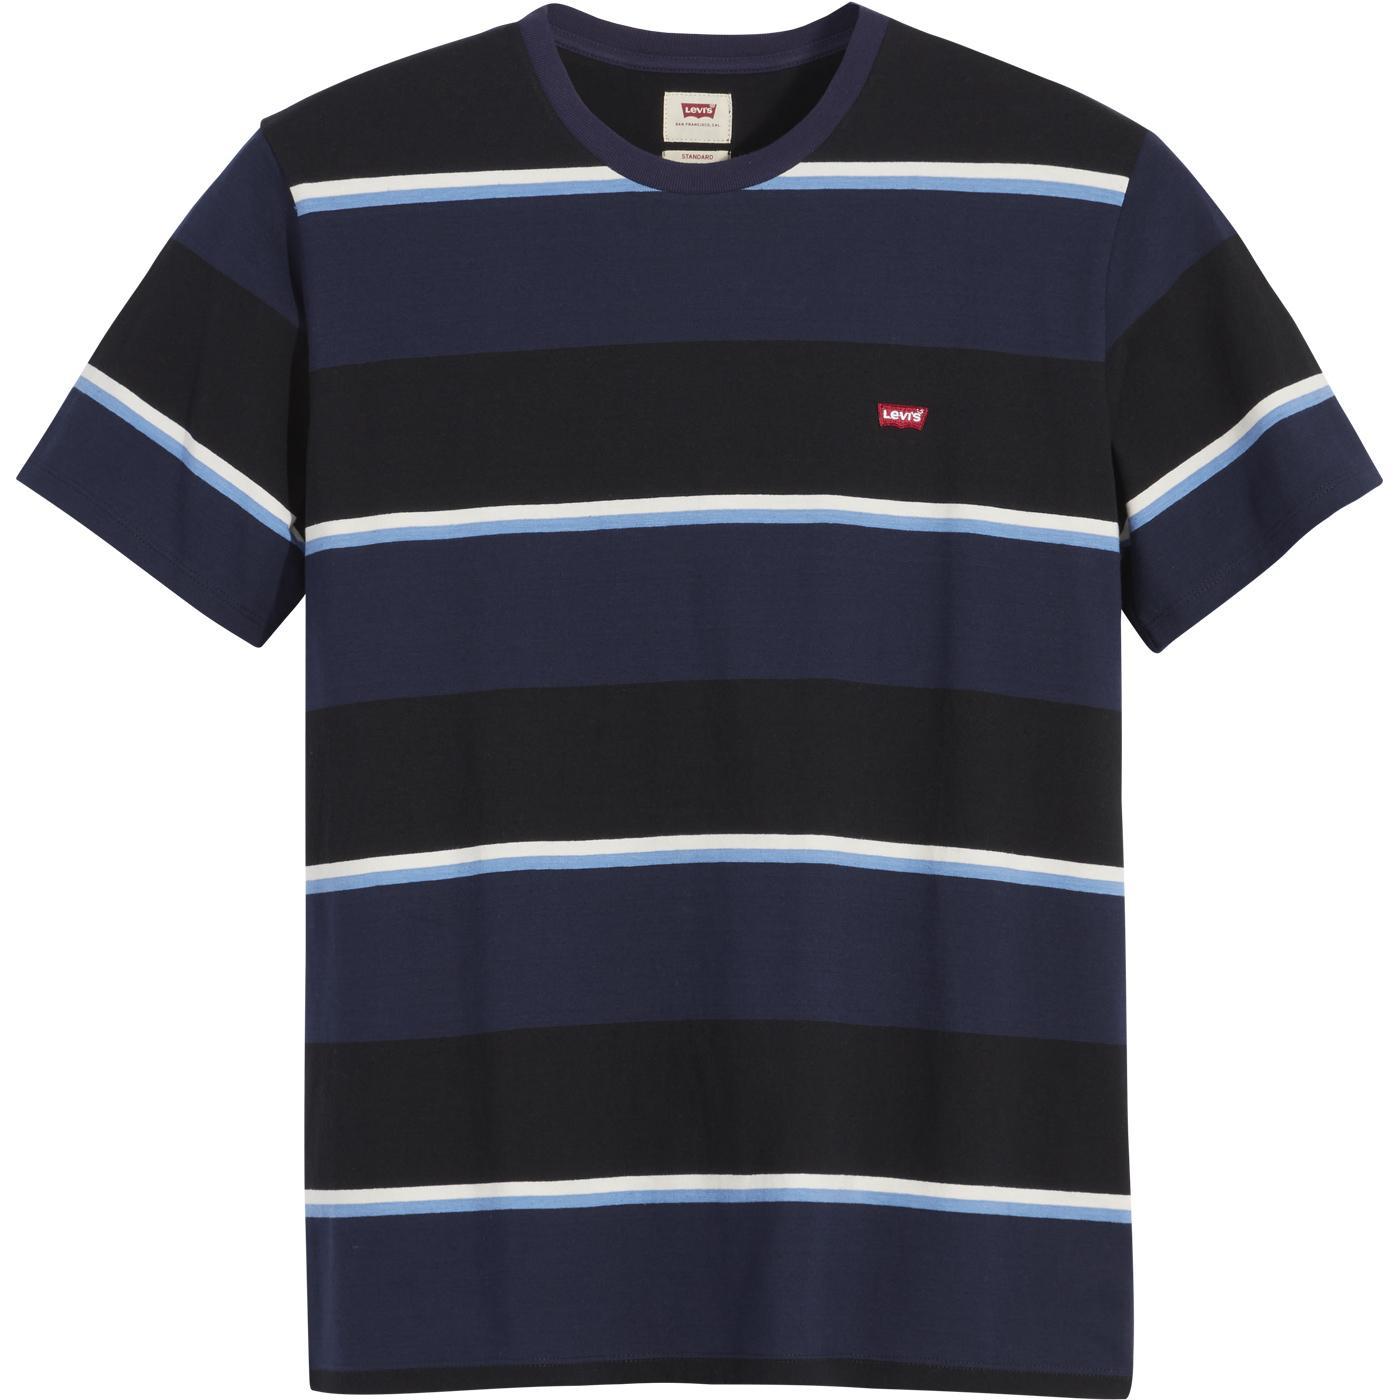 LEVI'S Original HM Men's Retro Stripe Tee (OP)